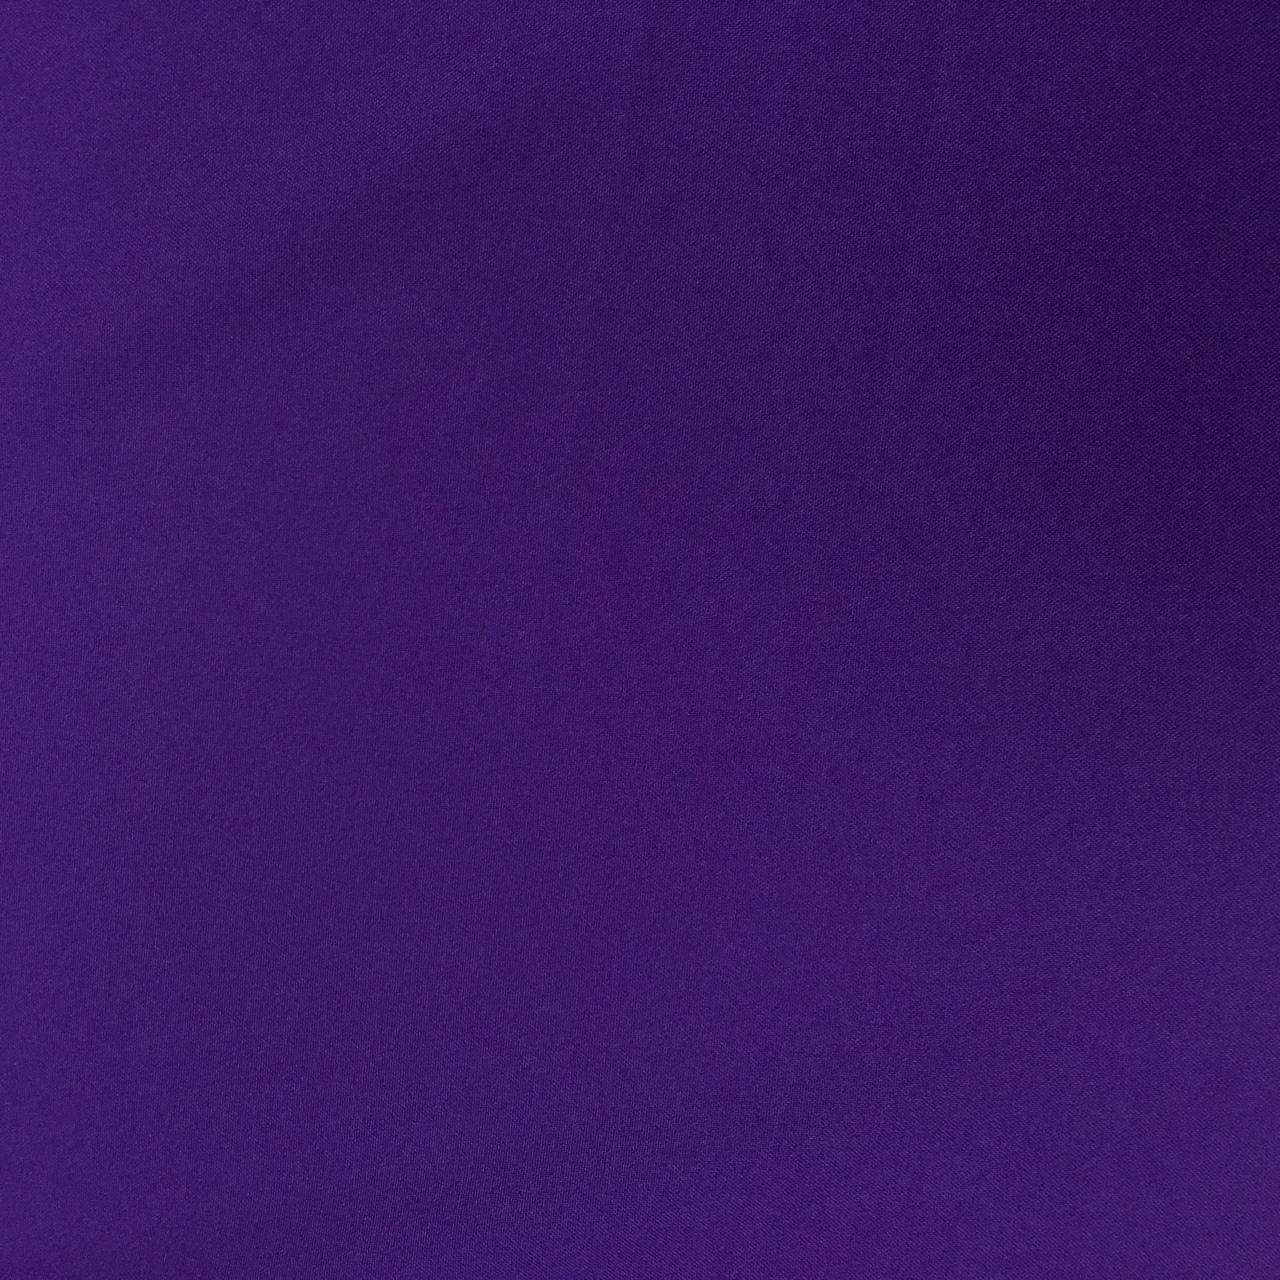 Shawl Cut 2 yds Royal Purple